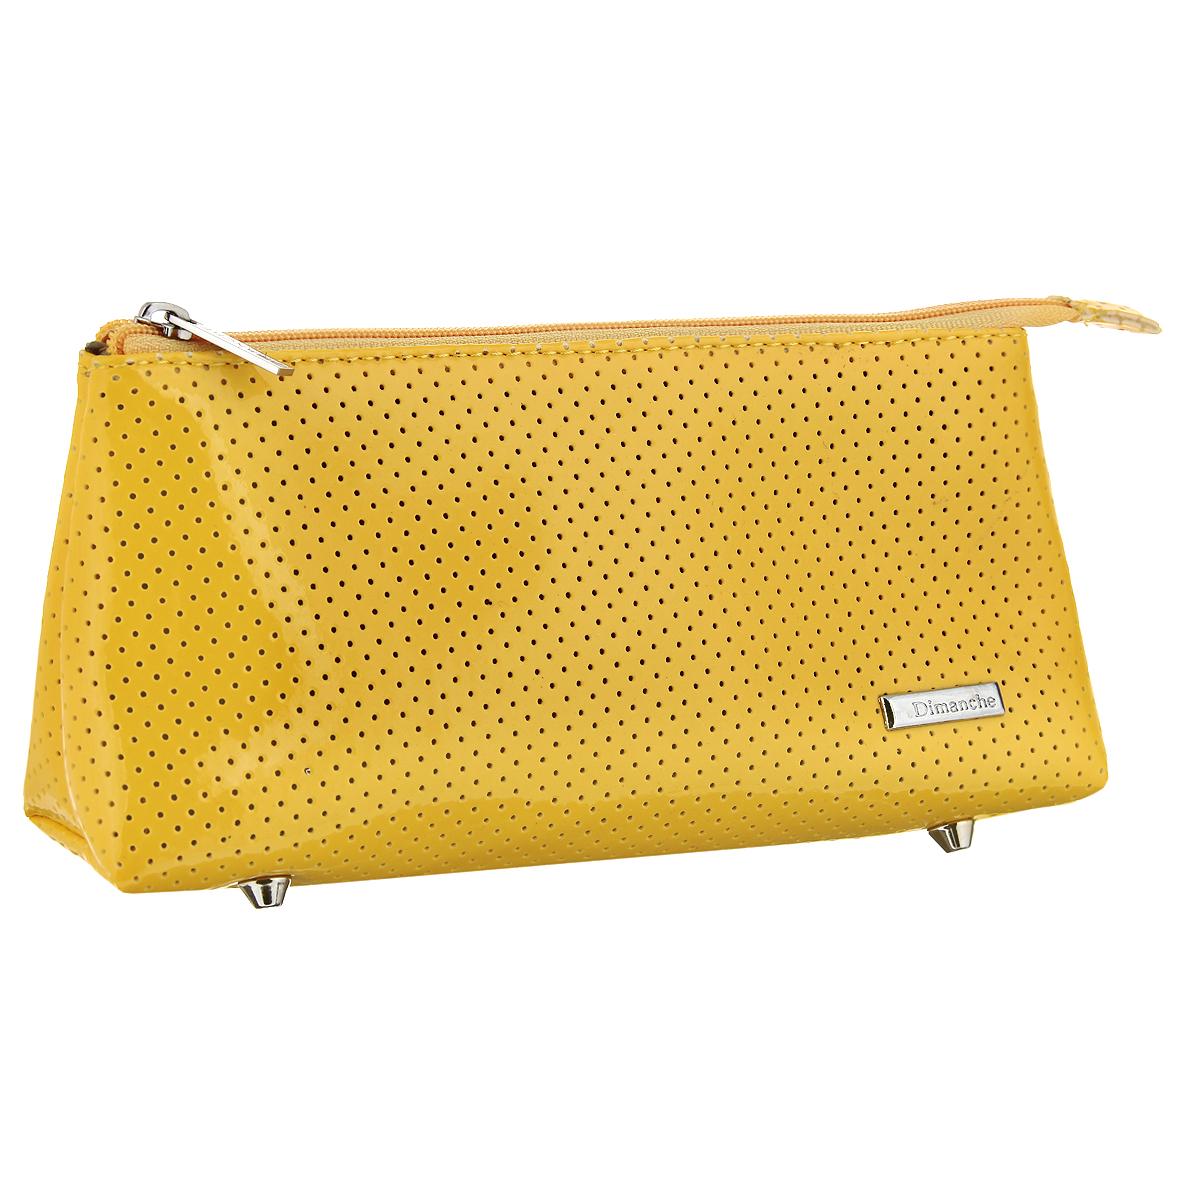 Косметичка Dimanche, цвет: желтый. 275275Косметичка Dimanche изготовлена из искусственной лакированной кожи с перфорацией. Косметичка имеет одно больше отделение и закрывается на застежку-молнию. Внутренняя поверхность отделана текстильной подкладкой. Дно оснащено четырьмя металлическими ножками, обеспечивающими необходимую устойчивость. Женская косметичка Dimanche - это стильный и полезный аксессуар для любой современной модницы. В косметичке поместится вся необходимая косметика, а благодаря компактным размерам ее всегда можно носить с собой в сумочке.